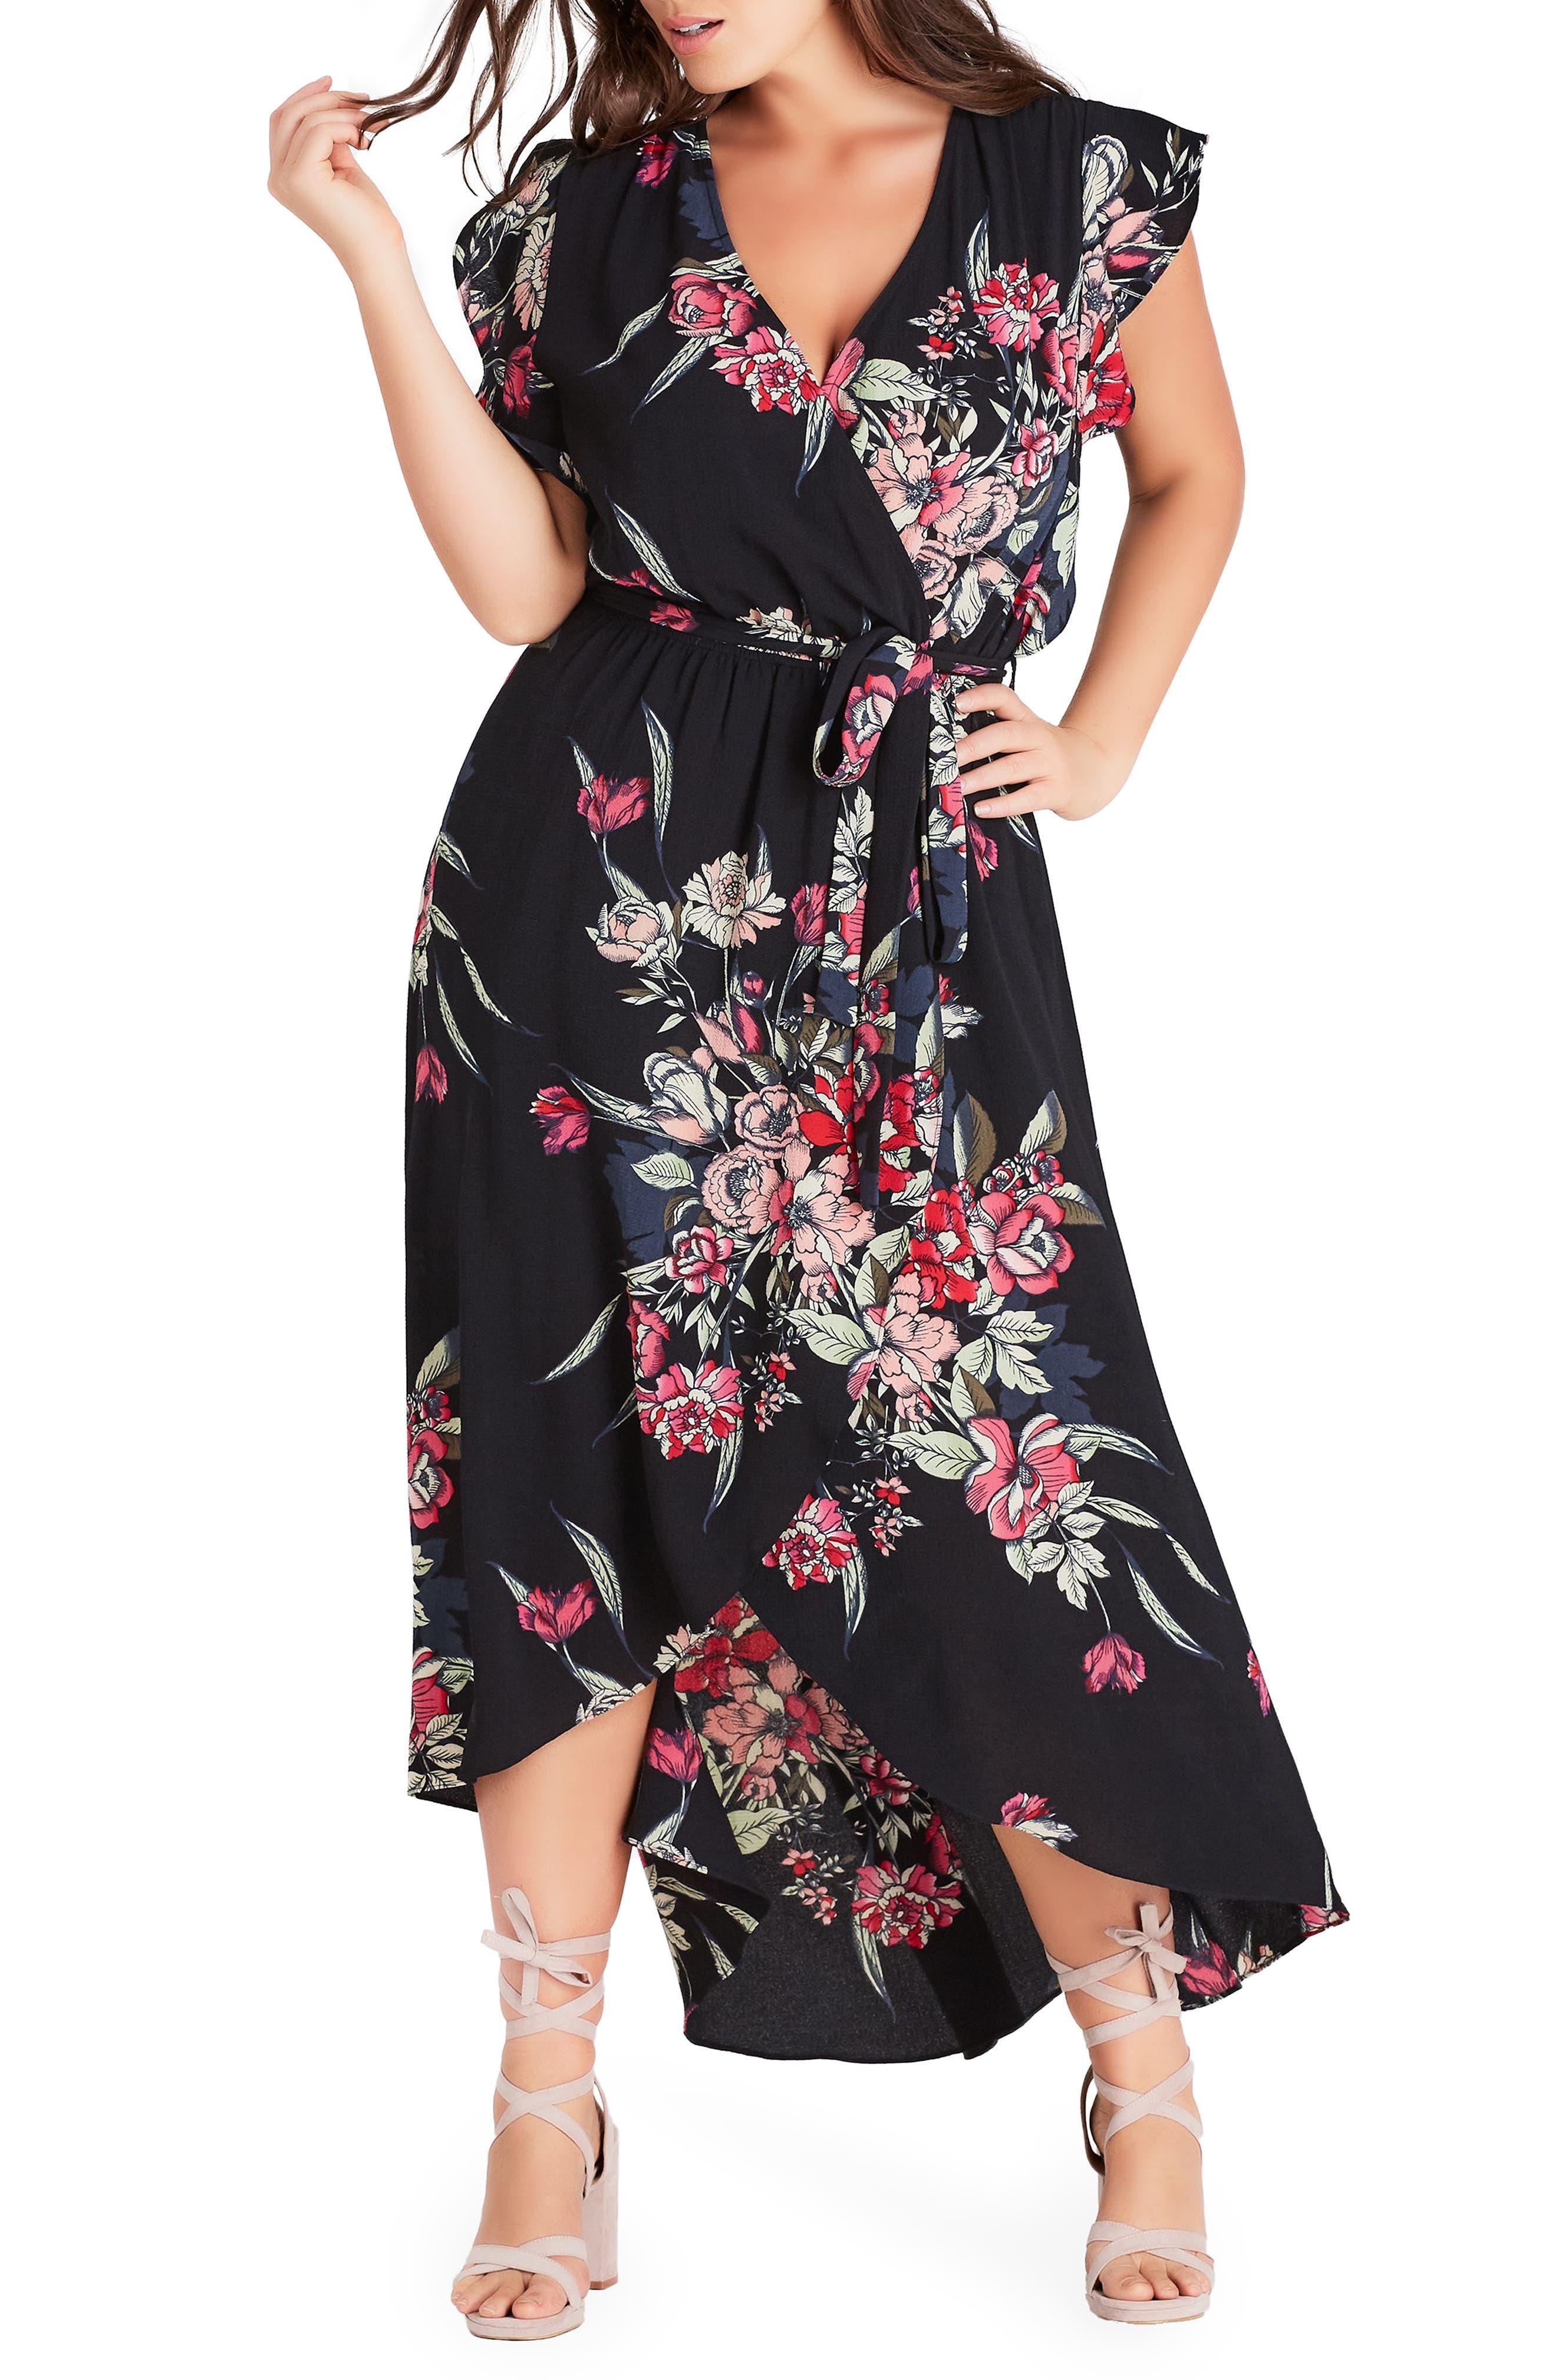 CITY CHIC, Misty Floral Wrap Maxi Dress, Main thumbnail 1, color, MISTY FLORAL